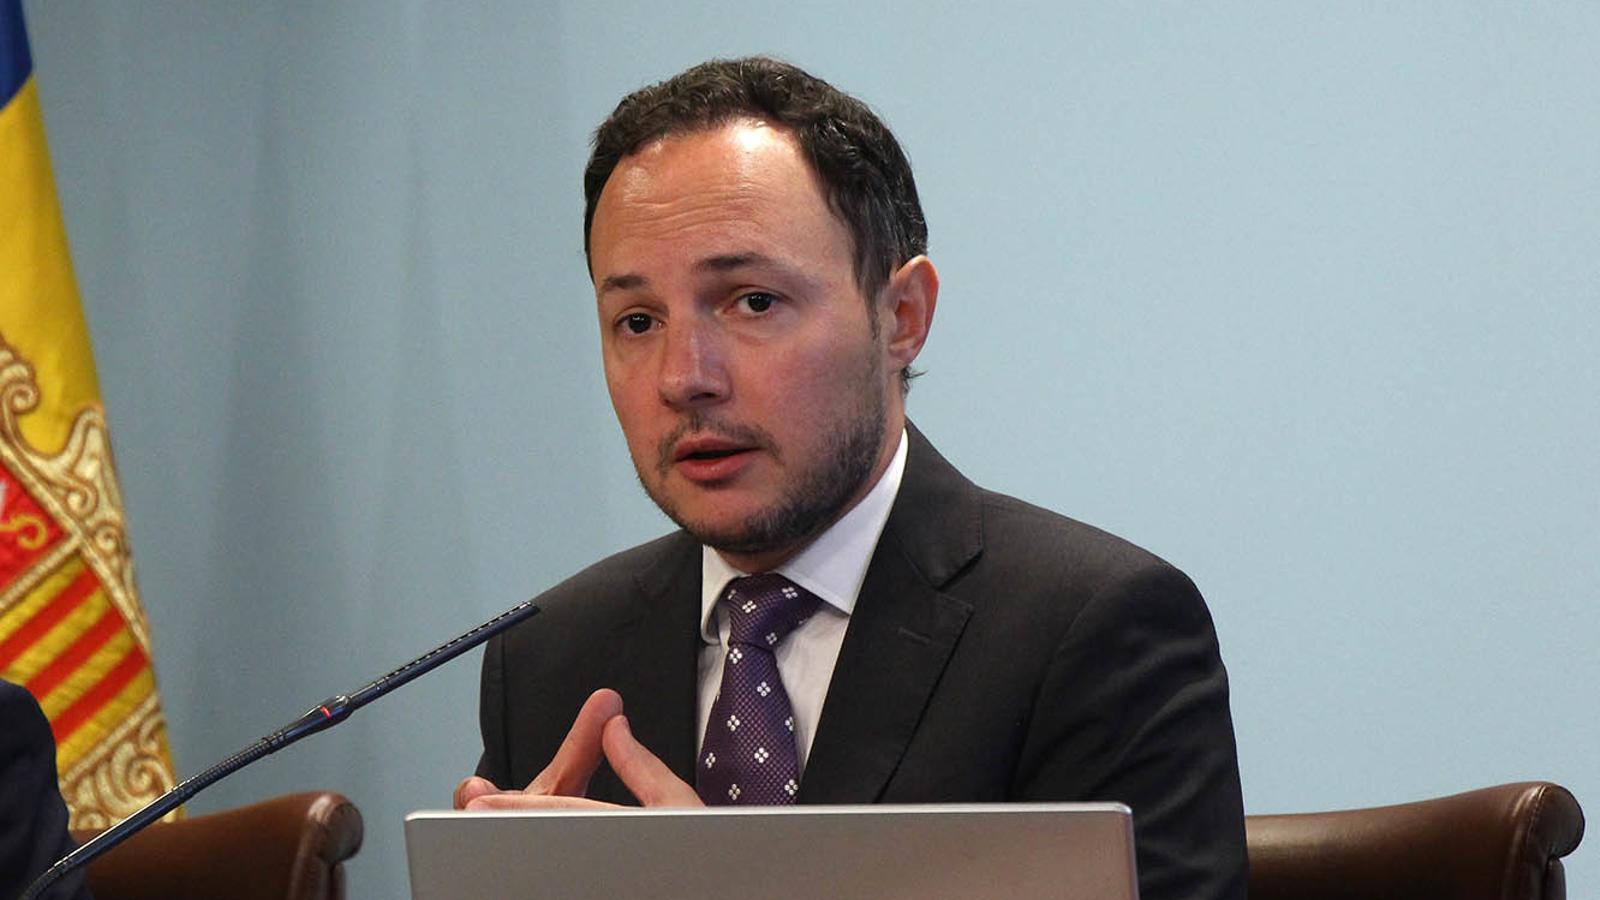 El ministre d'Afers Socials, Justícia i Interior, Xavier Espot, en una imatge d'arxiu. / ARXIU ANA